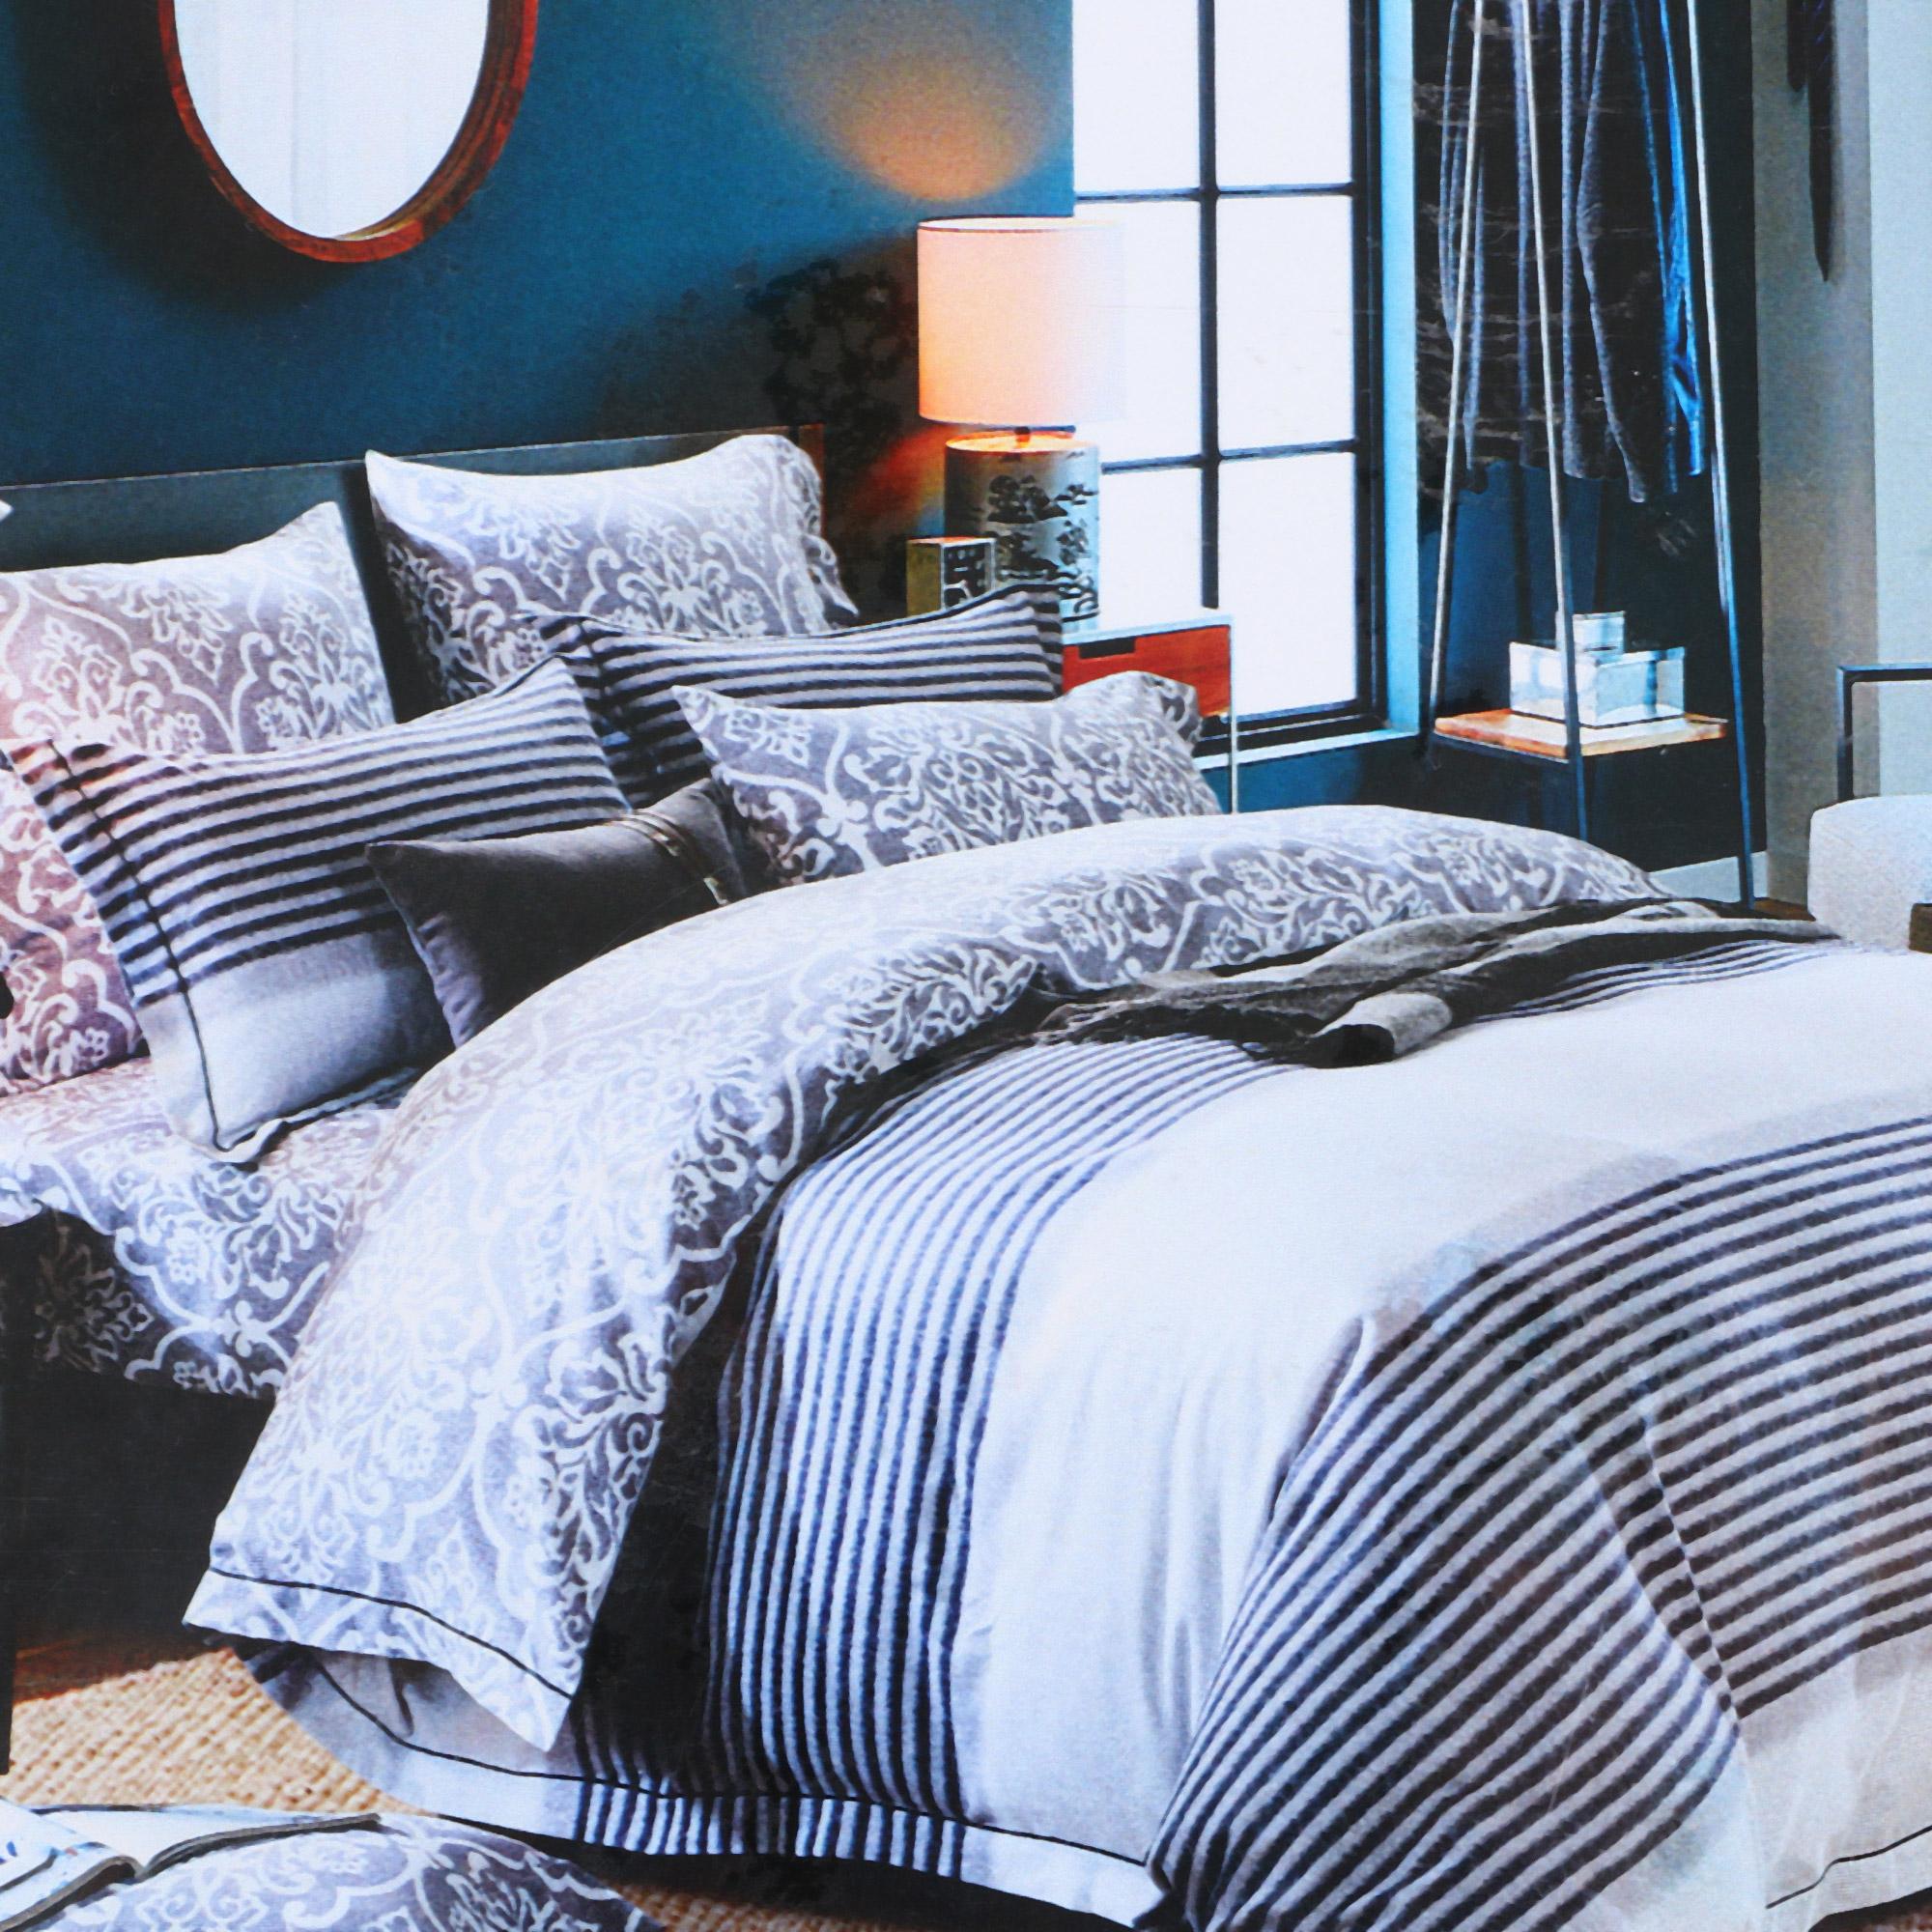 Постельный комплект Laroche двуспальный евро Цветной